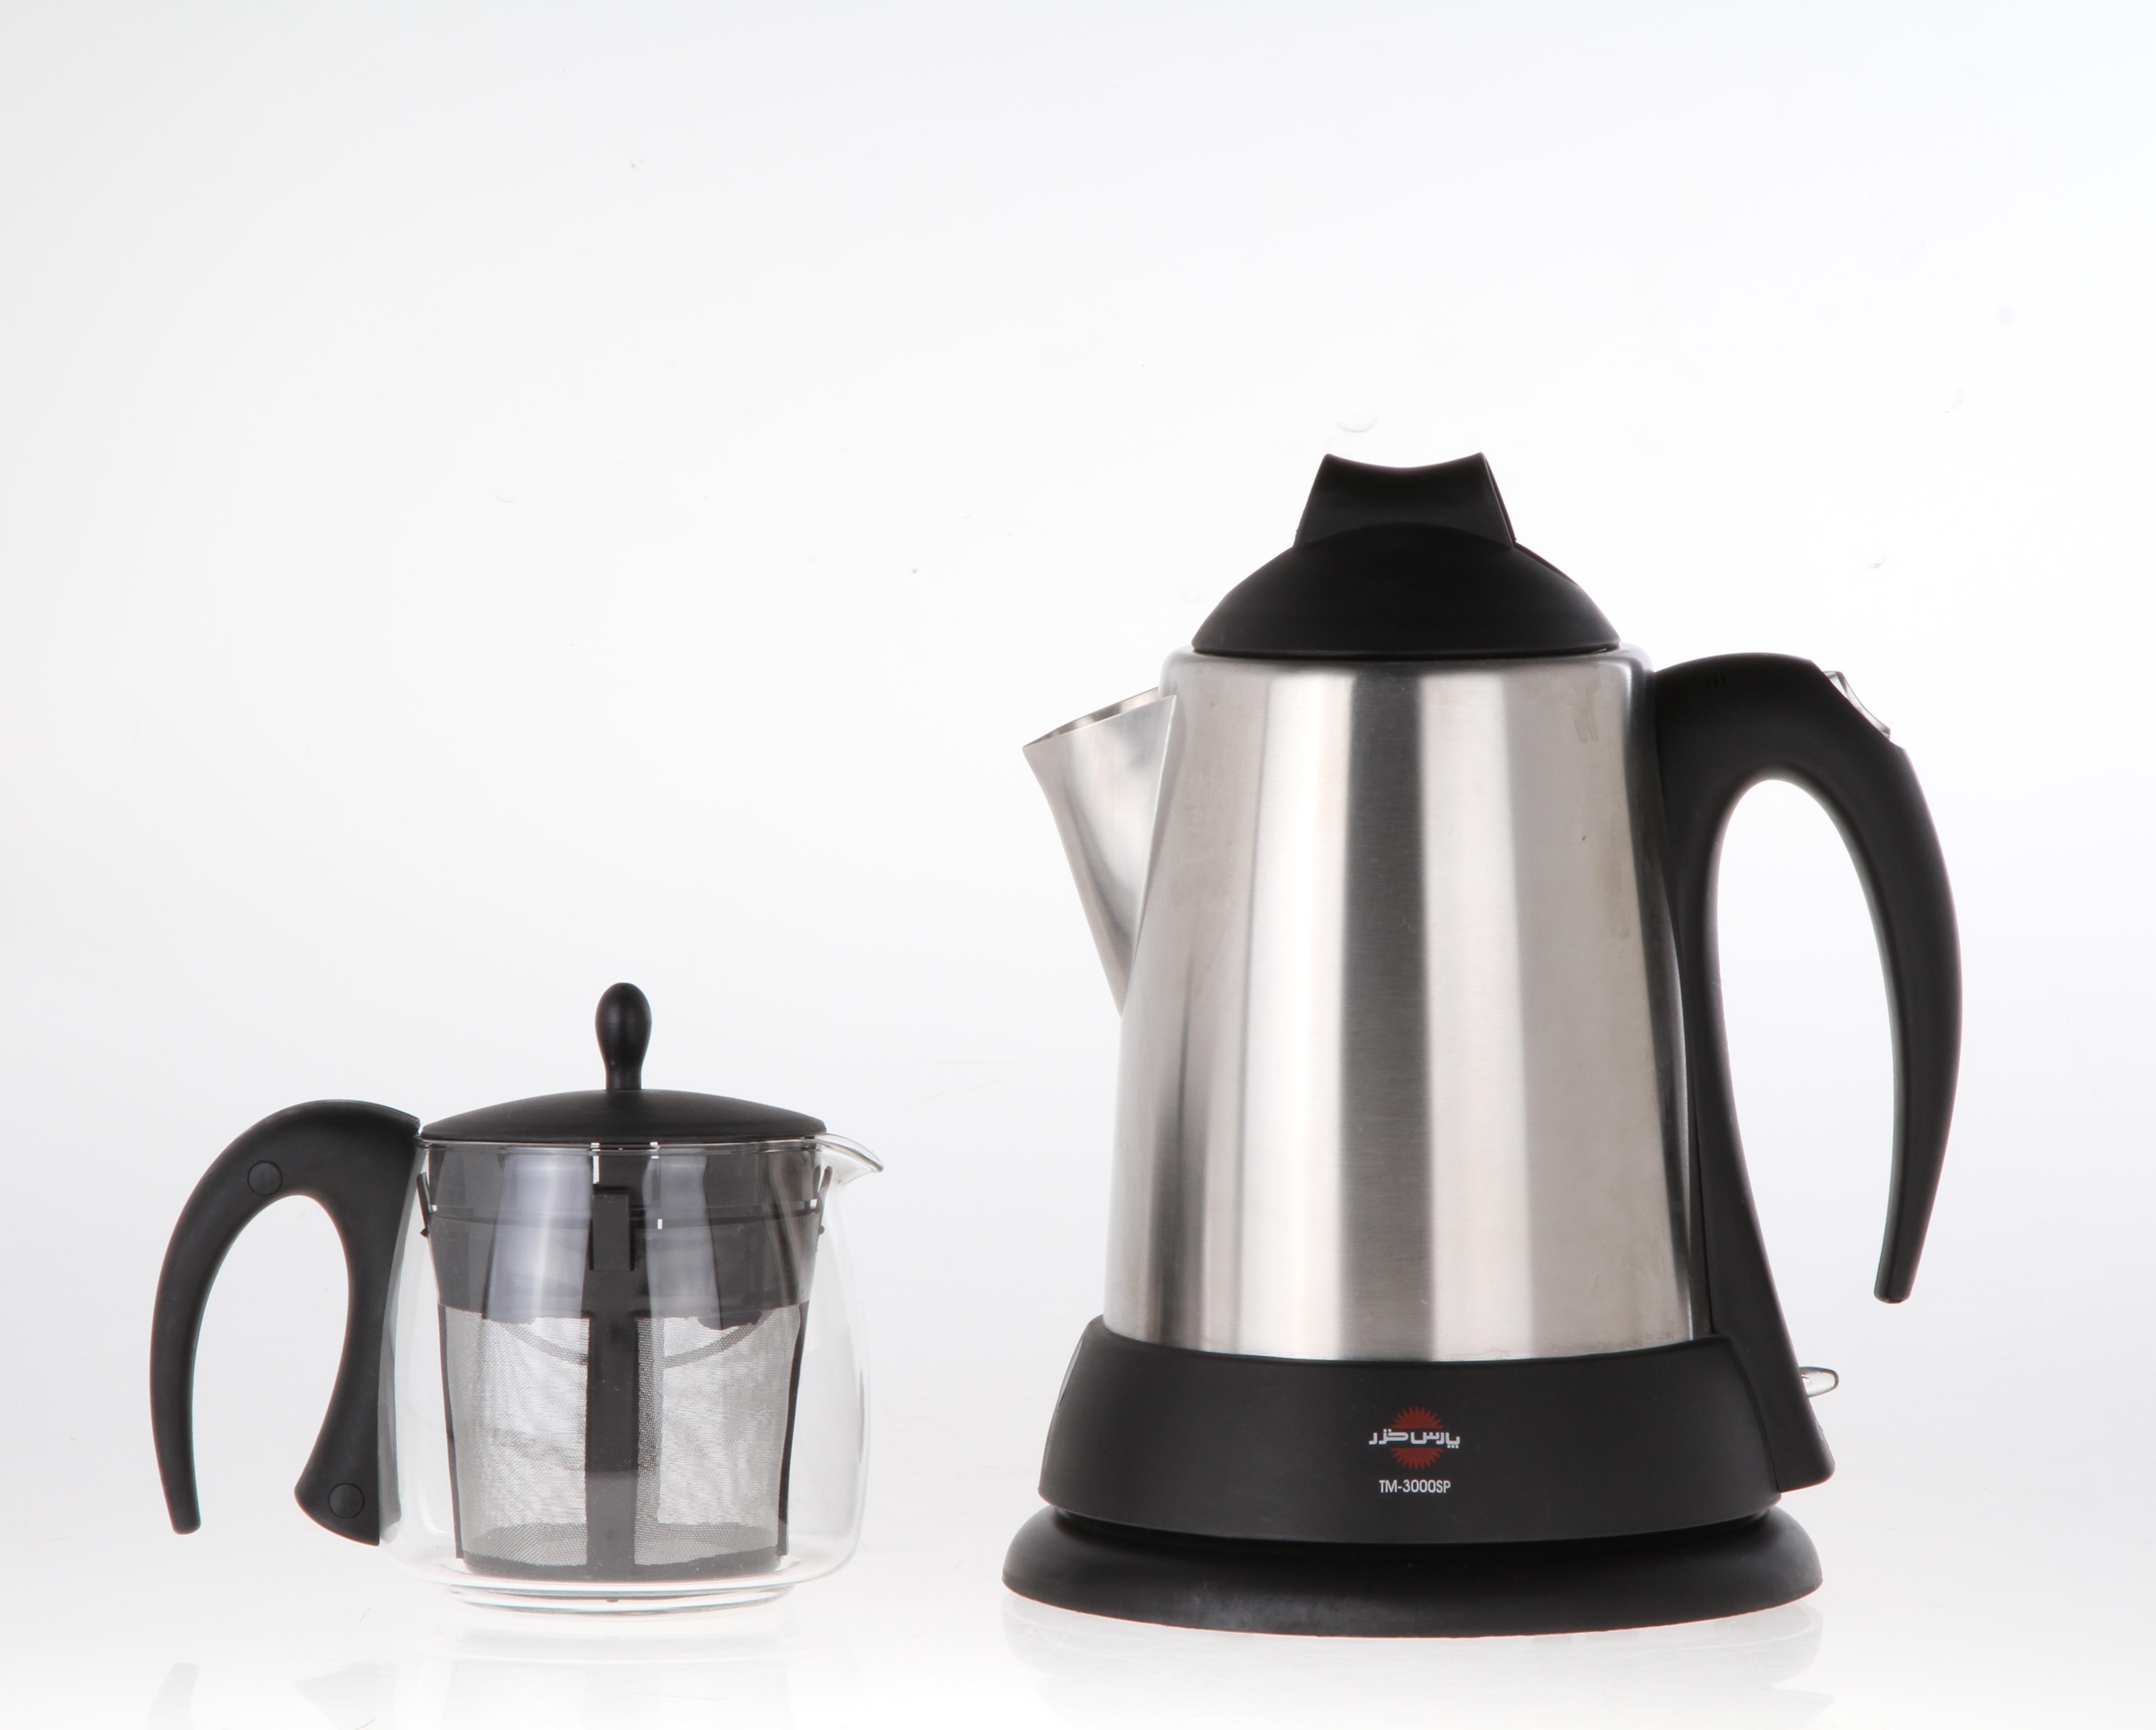 قوری شیشه ای تسمه دار به رنگ مشکی چایساز پارس خزر  مدل   TM-3000SP